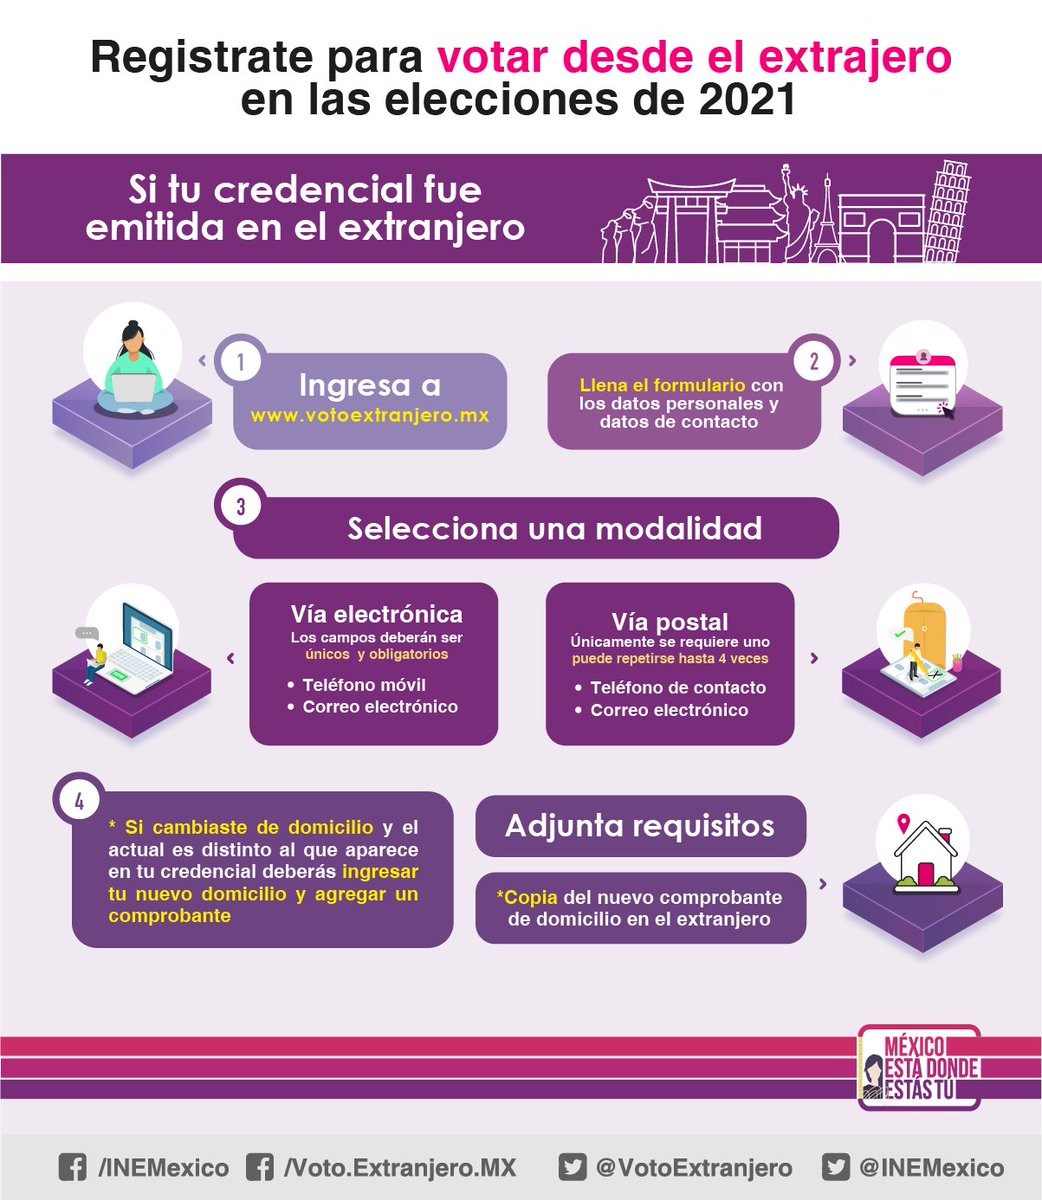 Si eres oriundo de #BCS, #Chihuahua, #CDMX, #Colima, #Guerrero, #Jalisco, #Michoacán, #Nayarit, #Querétaro, #SLP o #Zacatecas regístrate para votar en las elecciones de 2021. Estos son los pasos para seguir dependiendo de donde fue emitida tu #CredencialParaVotar @ieezcs https://t.co/HvTy09tR5E